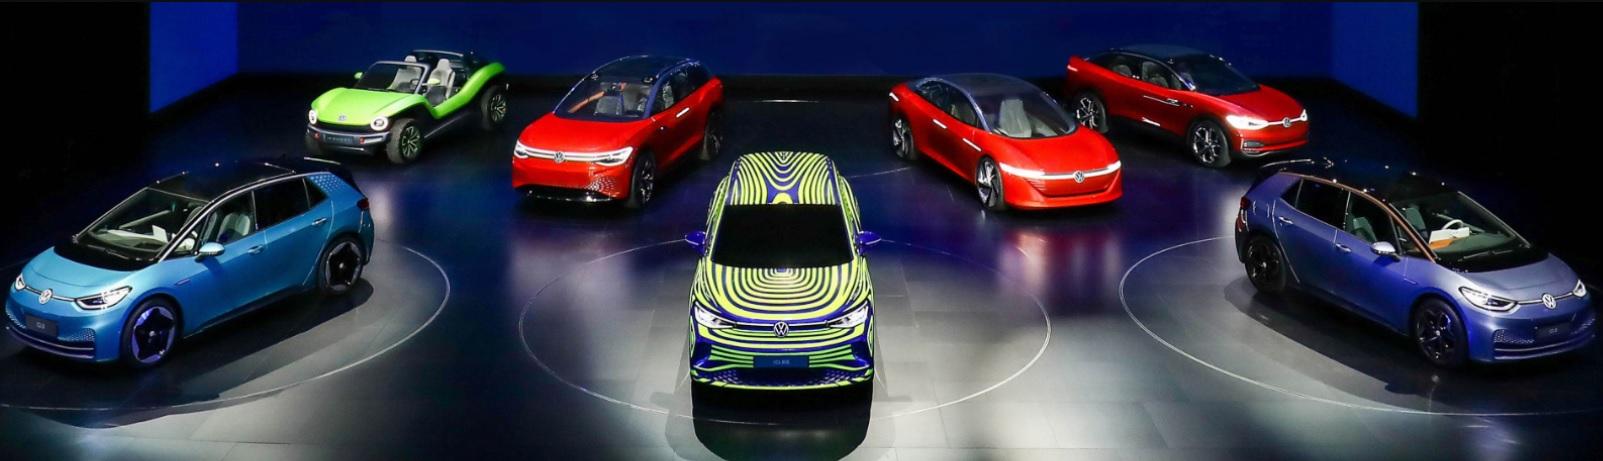 Амбітні плани Volkswagen: 28 мільйонів електромобілів до 2028 року - електромобілі - asdas